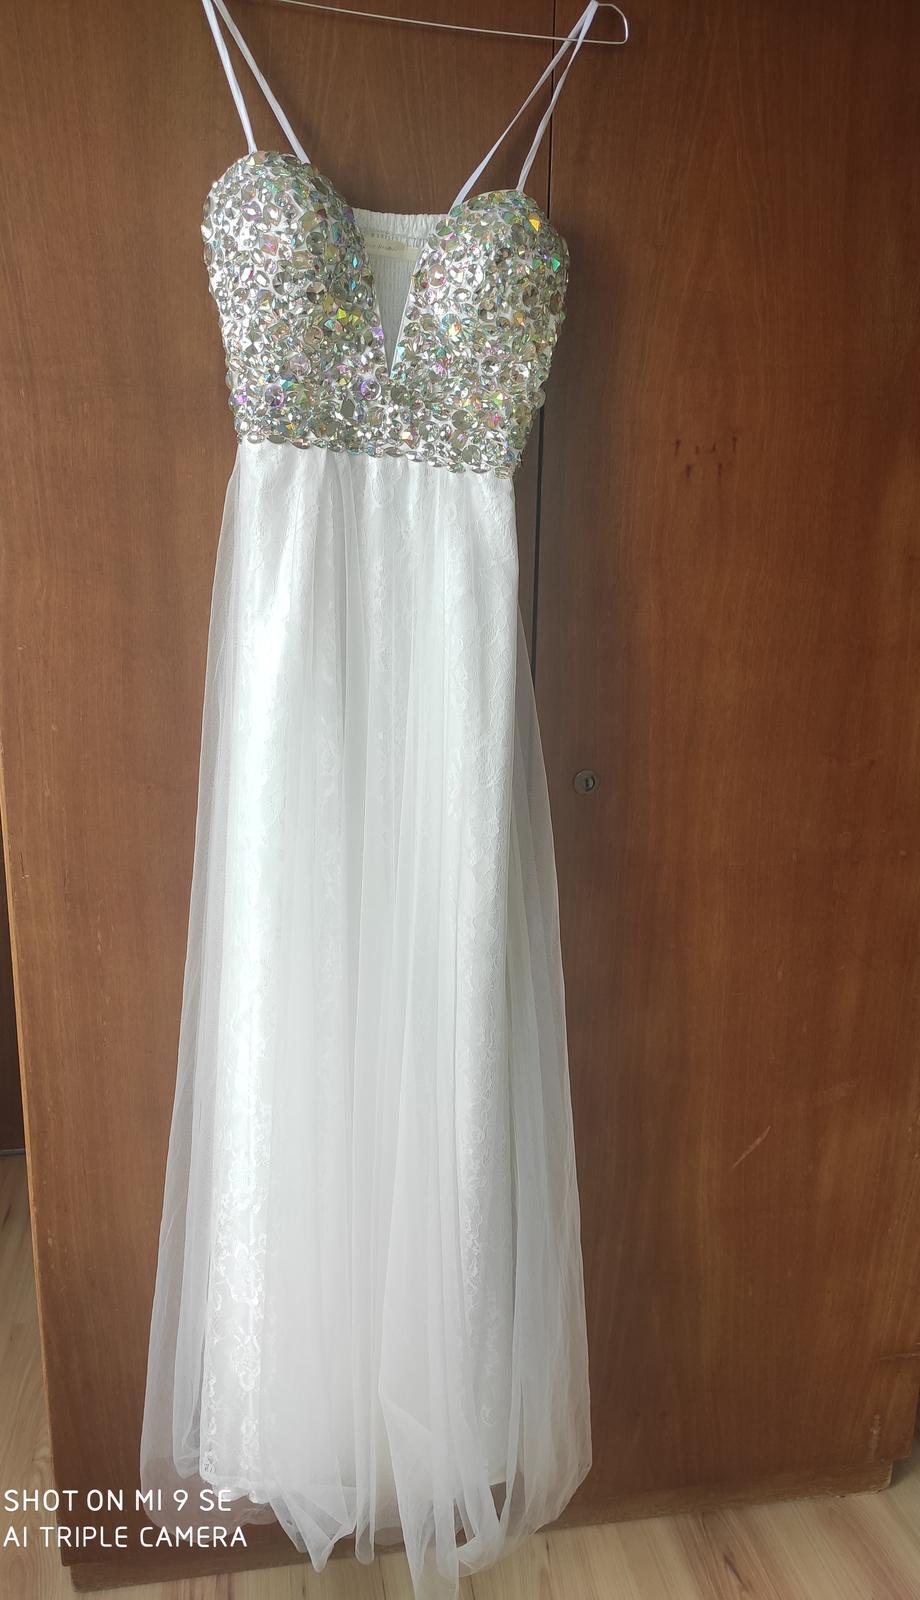 popolnočne šaty - Obrázok č. 1